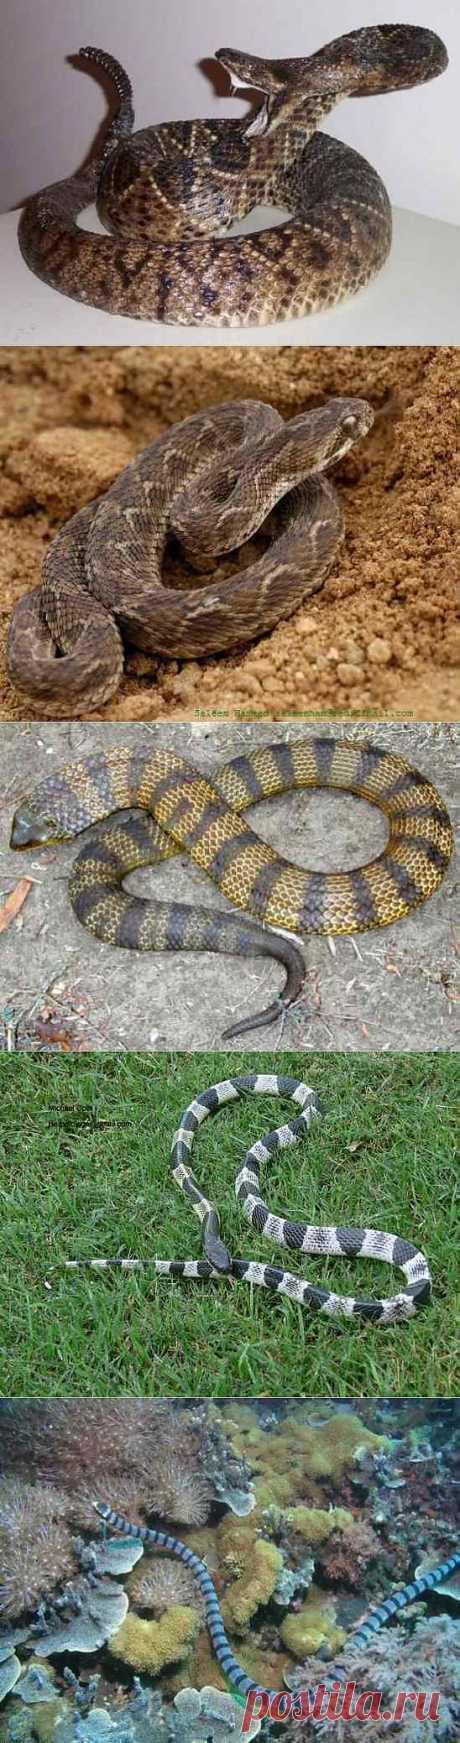 Самые ядовитые змеи в мире | Среда обитания